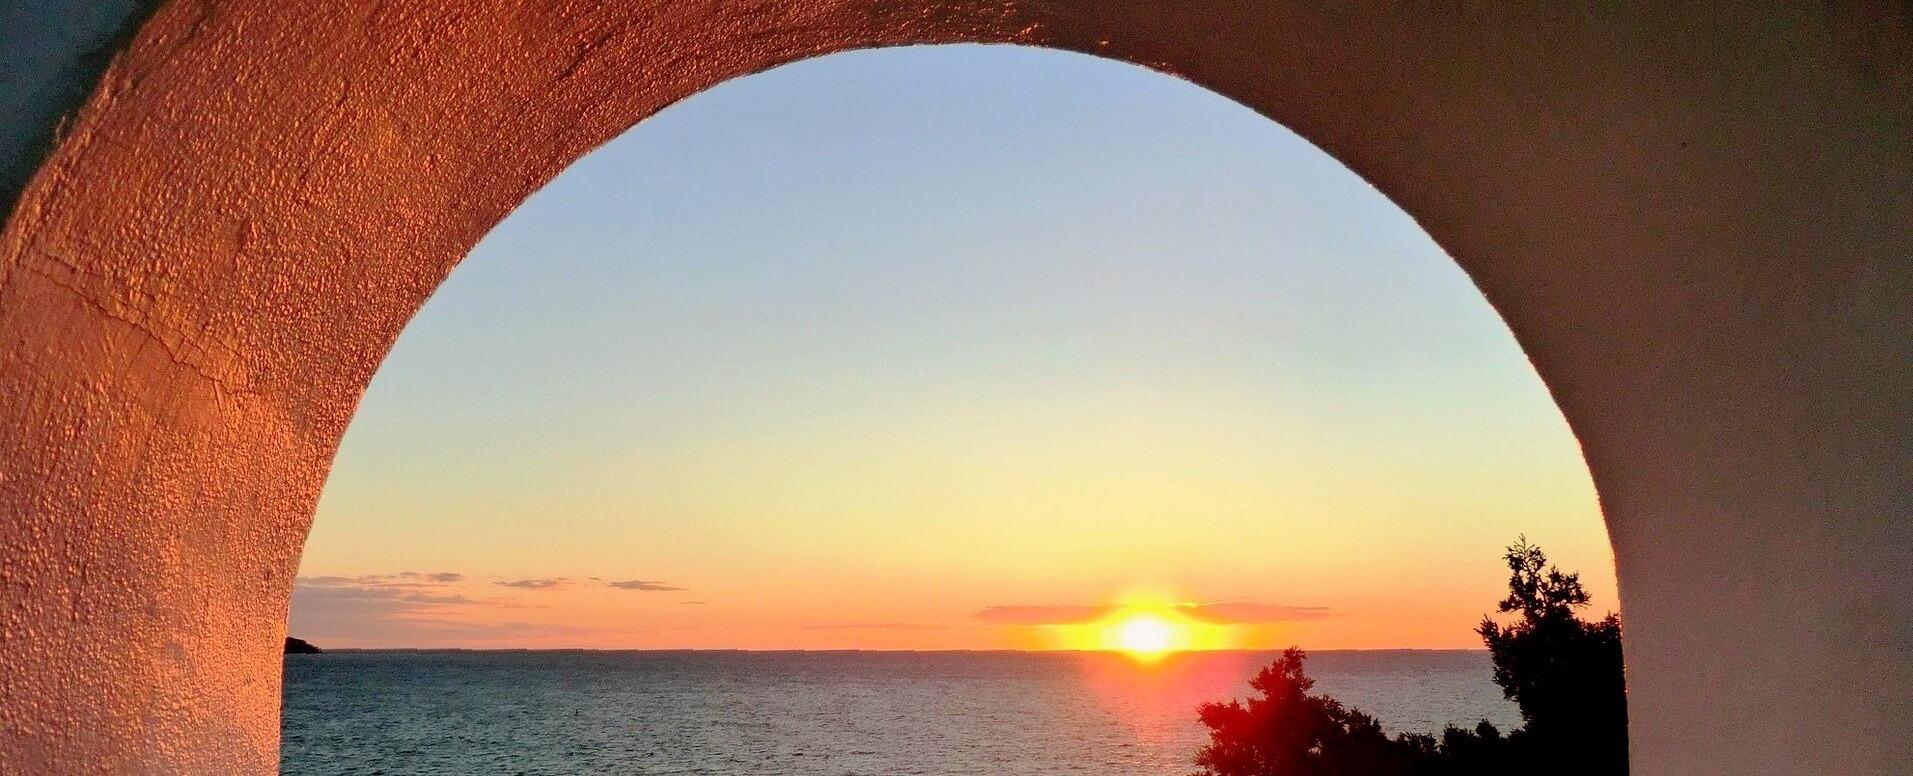 Lieux à visiter à Ibiza - Ibiza